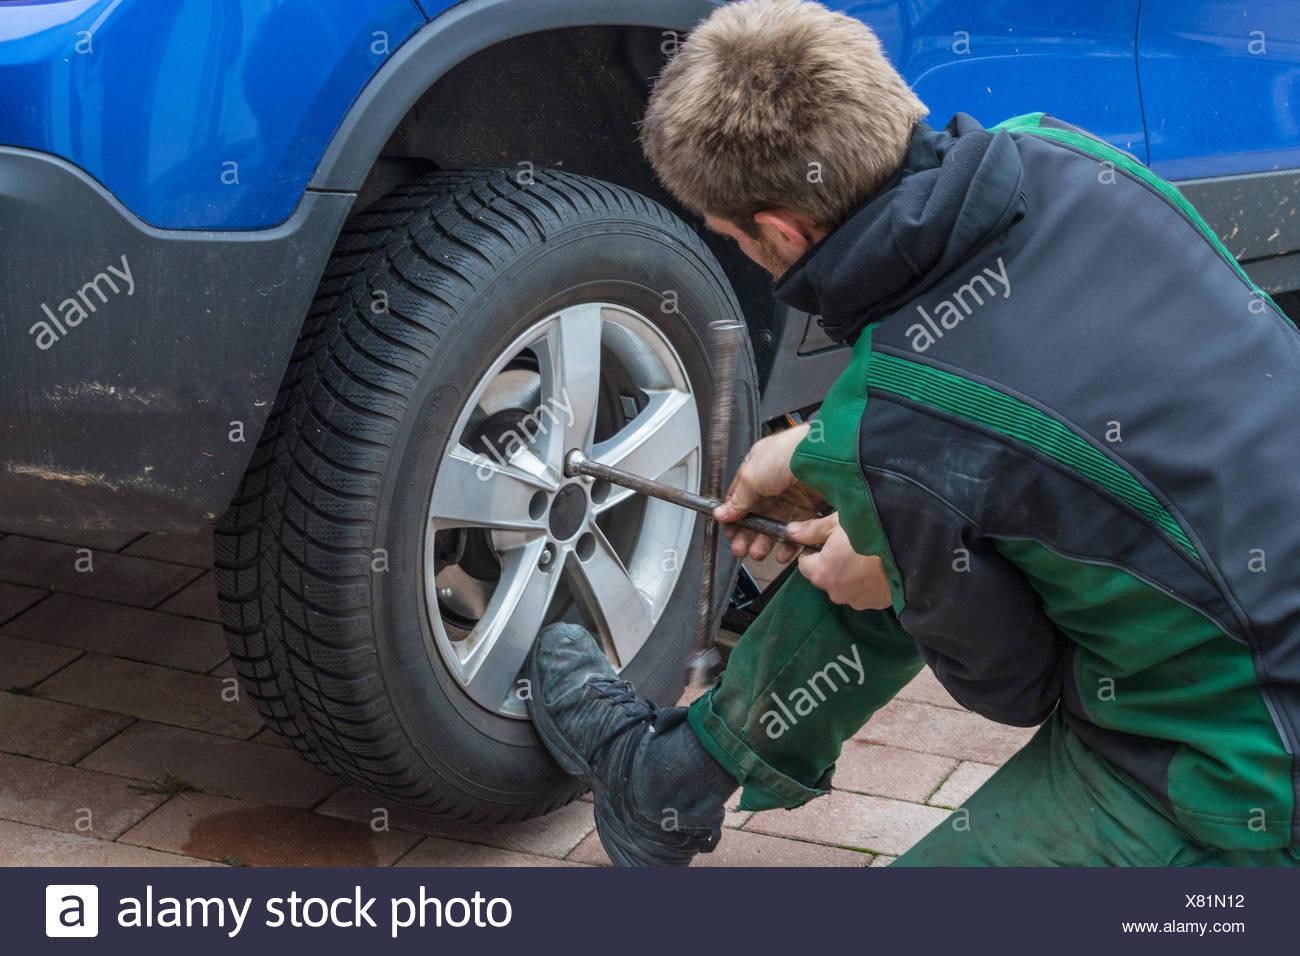 Junger Mann beim tauschen der Autoreifen. Von Sommerreifen auf Winterreifen an seinem Auto. - Stock Image